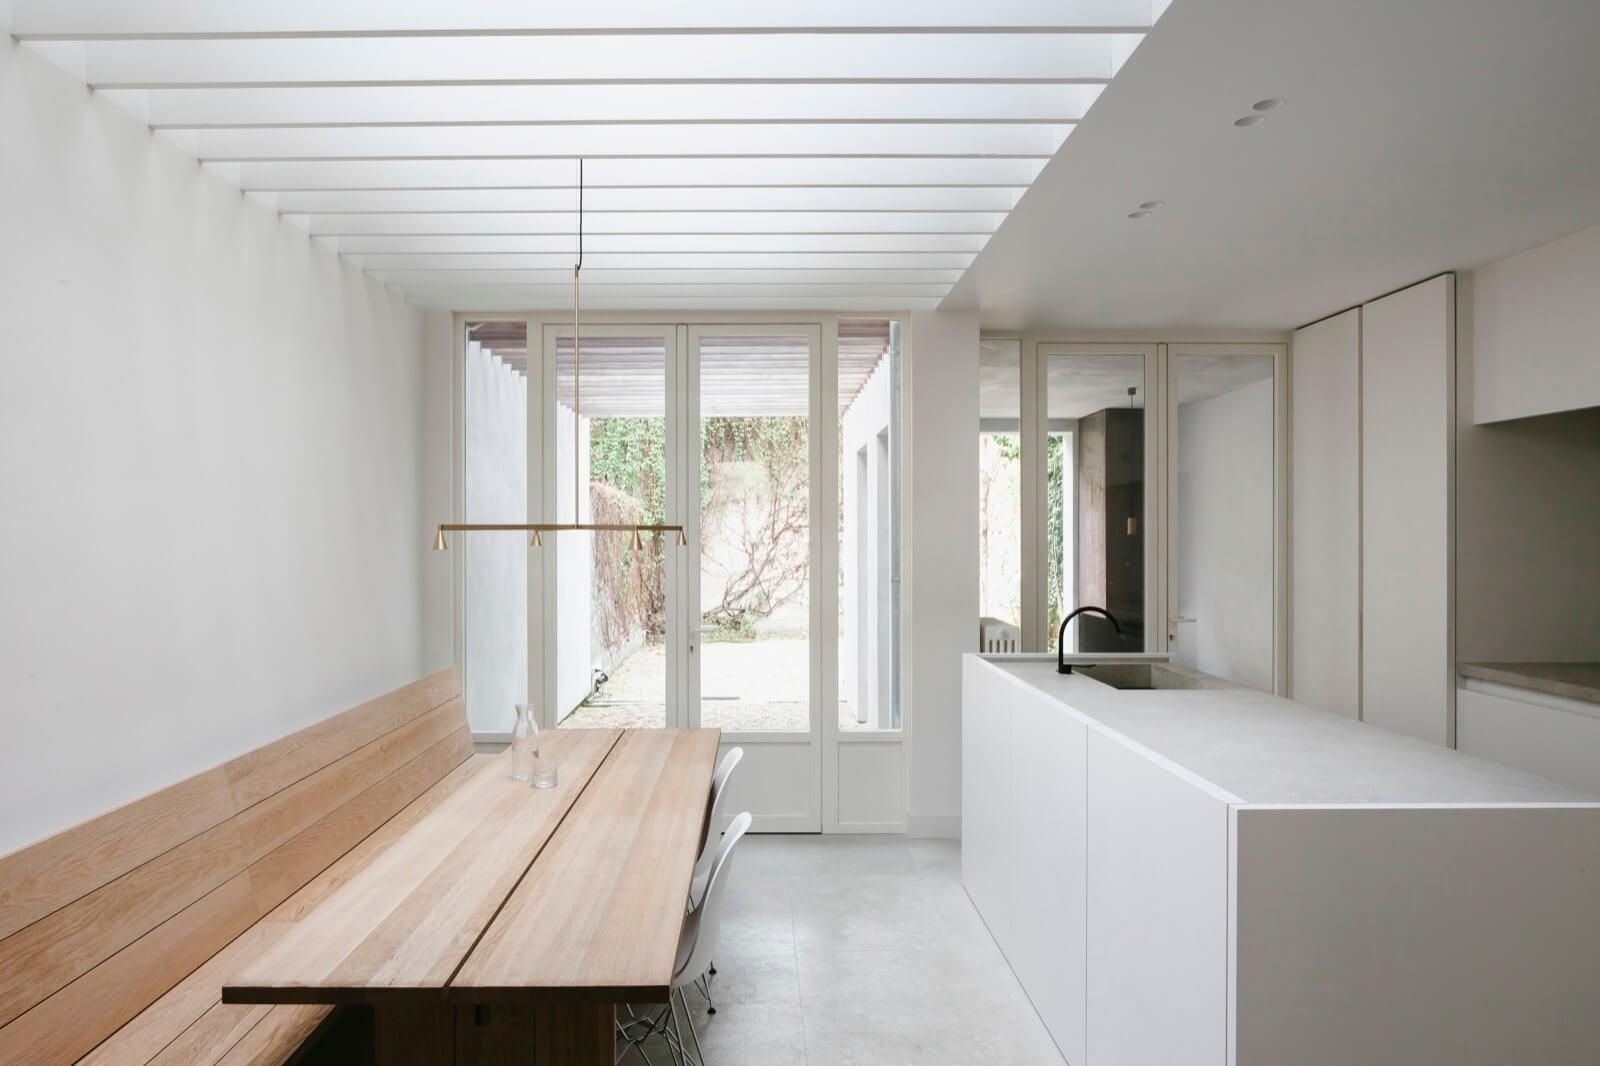 Cuanto vale amueblar una casa good good cuanto cuesta amueblar una casa en ikea with cuanto - Cuanto cuesta amueblar un piso ...